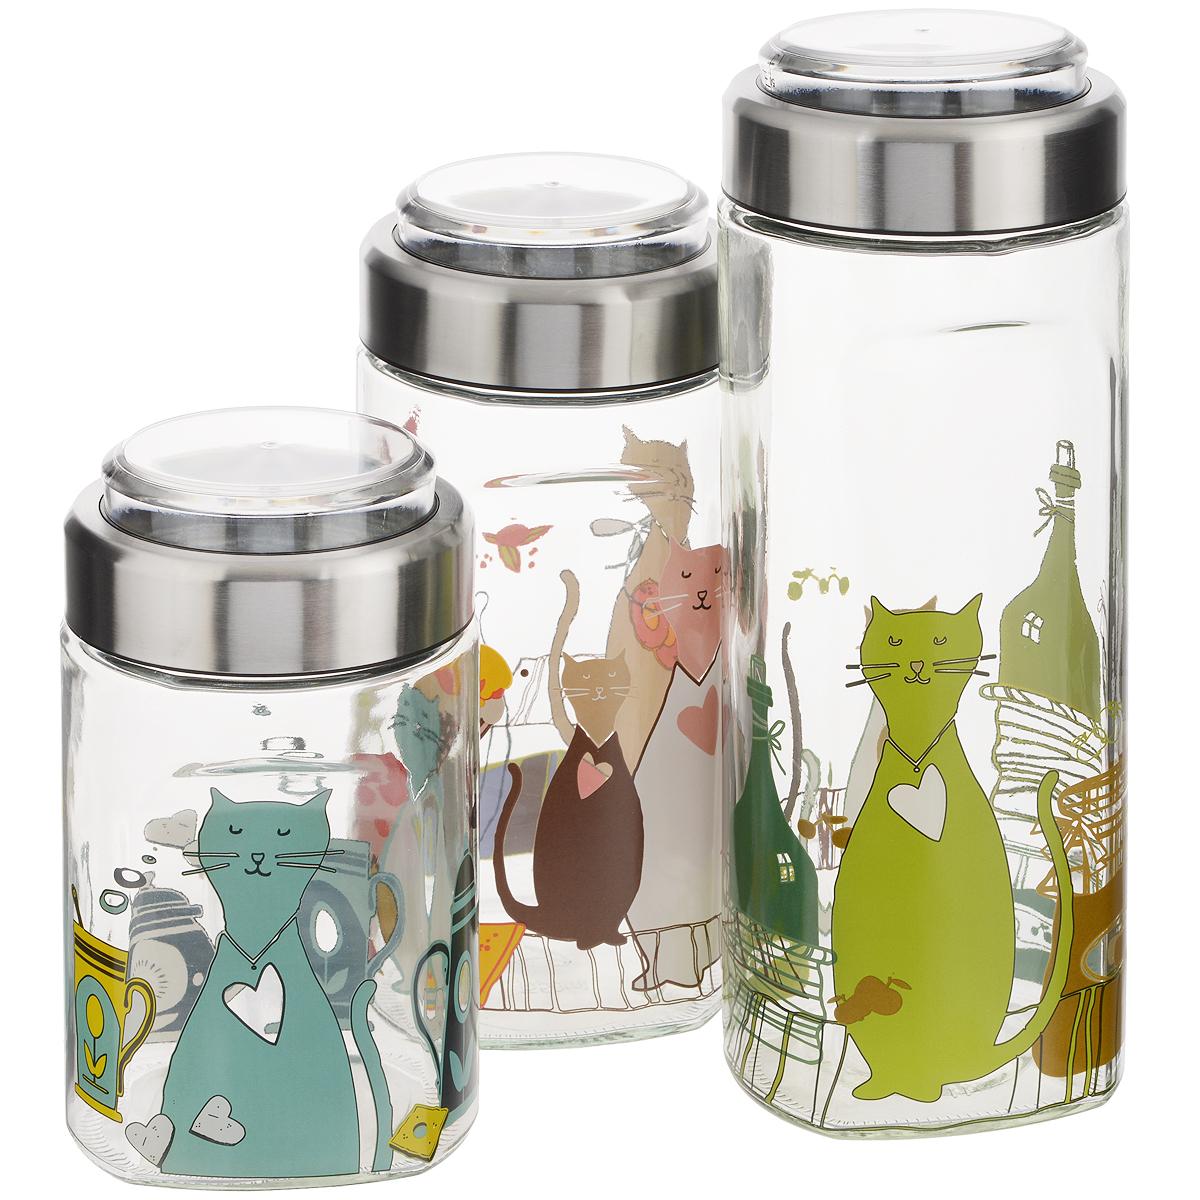 Набор банок для сыпучих продуктов Sinoglass Cats, 3 штFA-5125 WhiteНабор Sinoglass Cats состоит из трех банок разного объема, предназначенных для хранения сыпучих продуктов. Изделия выполнены из высококачественного стекла, украшенного красочной деколью с изображением котов. Банки имеют эргономичную форму и специальные выемки для удобного захвата. Металлические крышки снабжены прозрачными пластиковыми емкостями с мерной шкалой до 200 мл, которые легко вынимаются и могут быть использованы как мерные стаканы. Между емкостью и крышкой имеется силиконовая прослойка, которая создает внутри вакуум и позволяет продуктам дольше оставаться свежими, а также предотвращает попадание влаги. Банки идеальны для хранения круп, спагетти, чая, кофе, сахара, орехов и других сыпучих продуктов. Благодаря прозрачным стенкам, можно видеть содержимое банок. Такой набор стильно дополнит интерьер кухни и станет незаменимым помощником в приготовлении ваших любимых блюд.Объем: 1150 мл; 1550 мл; 2000 мл. Высота банок (с крышками): 19 см; 26 см; 30 см. Диаметр банок (по верхнему краю): 11 см.